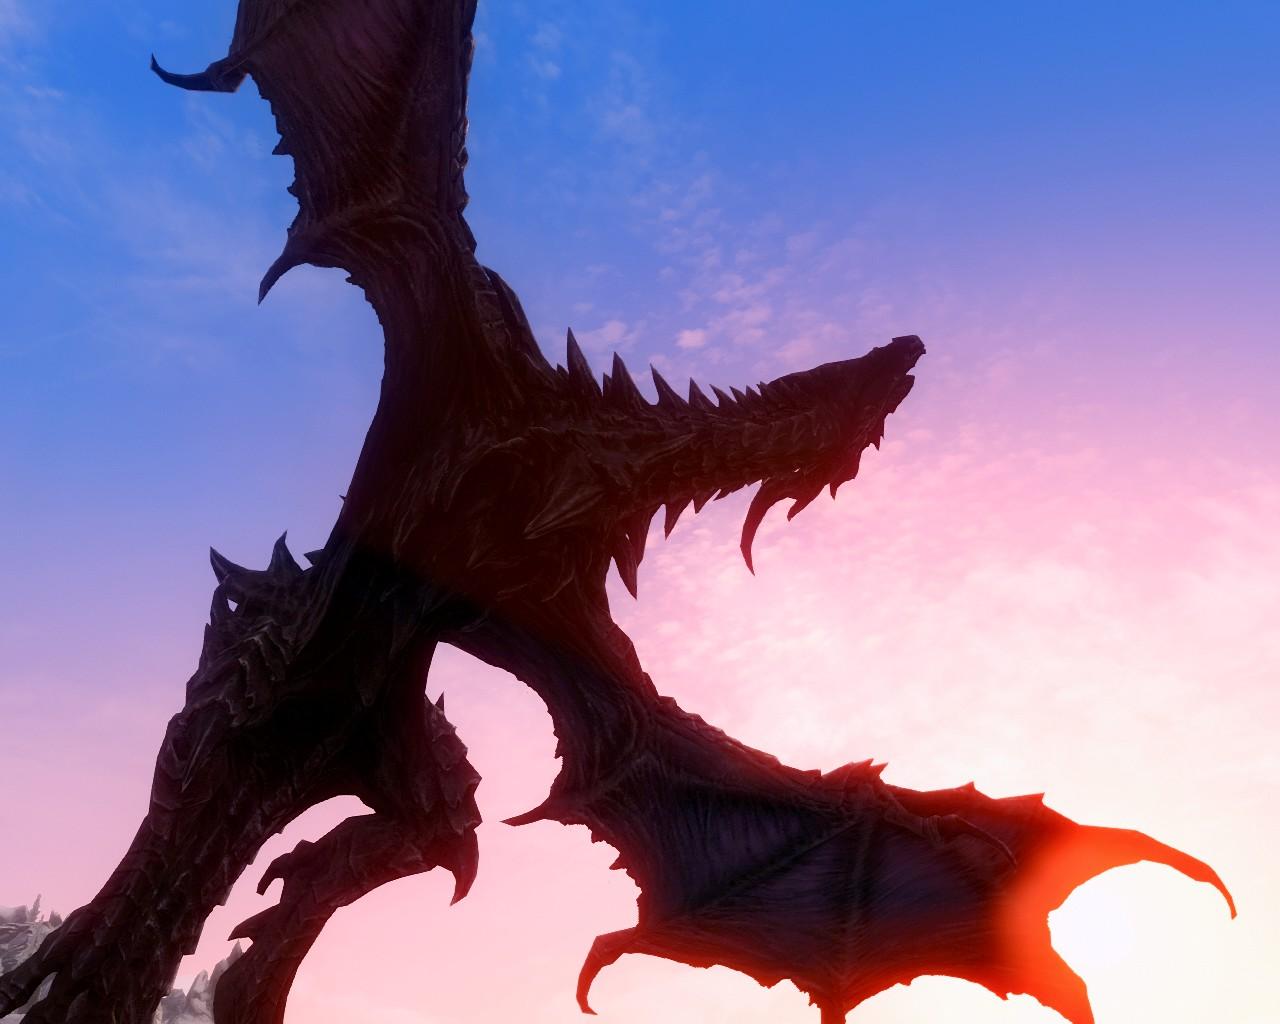 ドラゴン!?